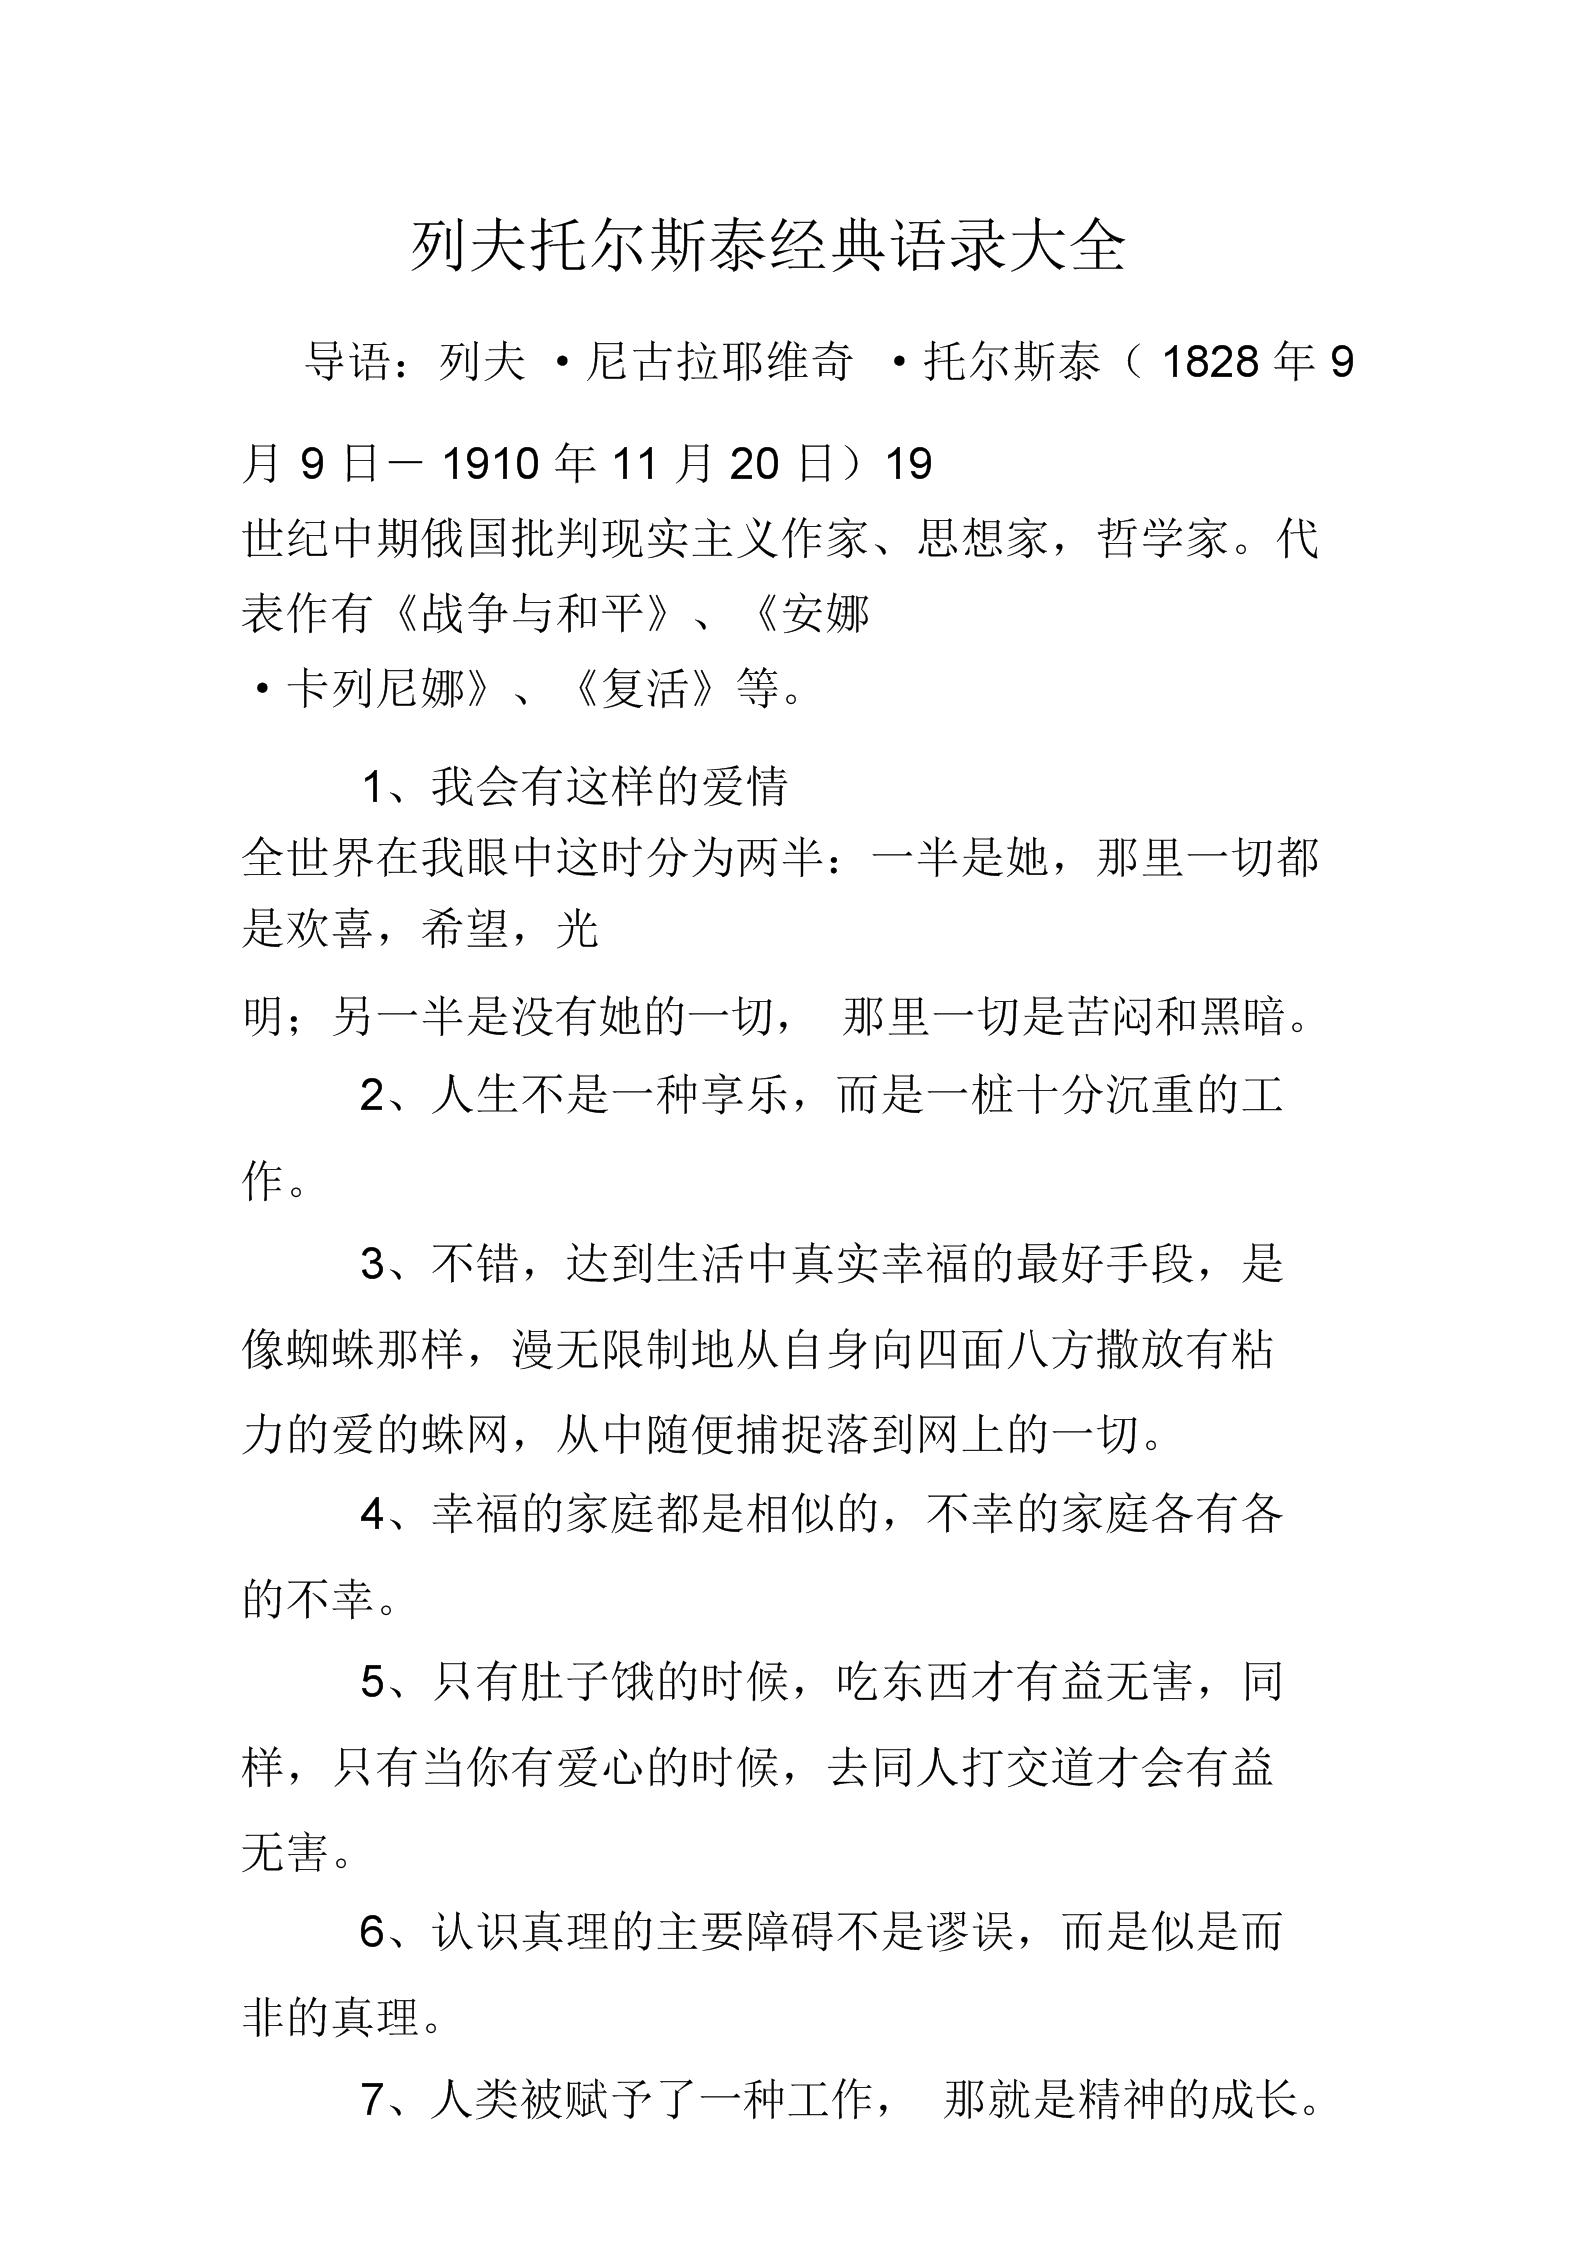 列夫托尔斯泰语录大全.doc